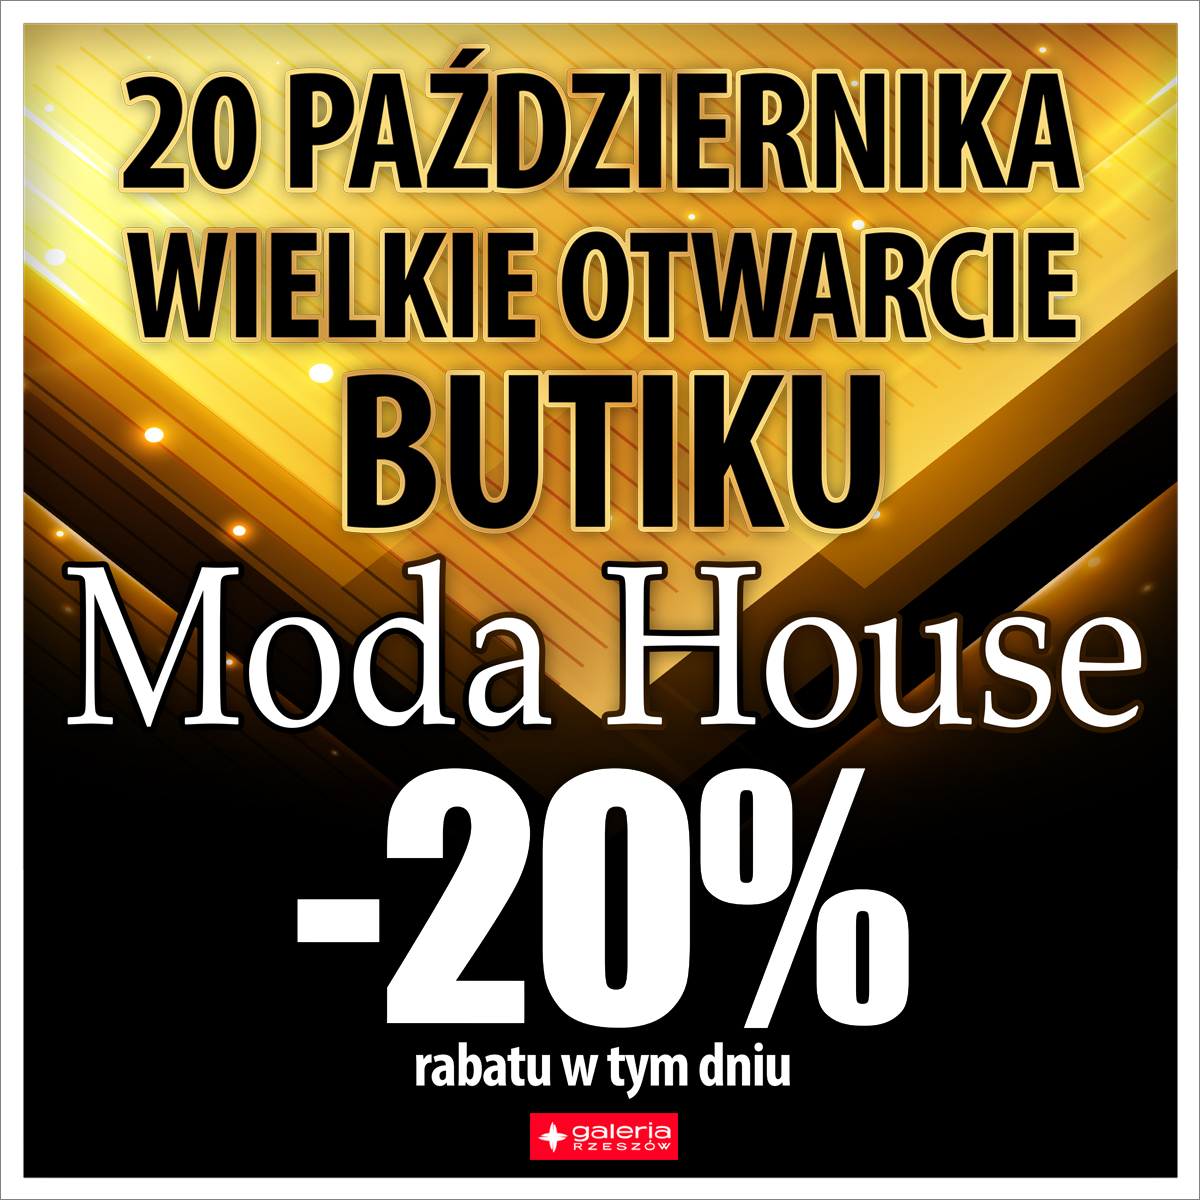 Otwarcie MODA HOUSE